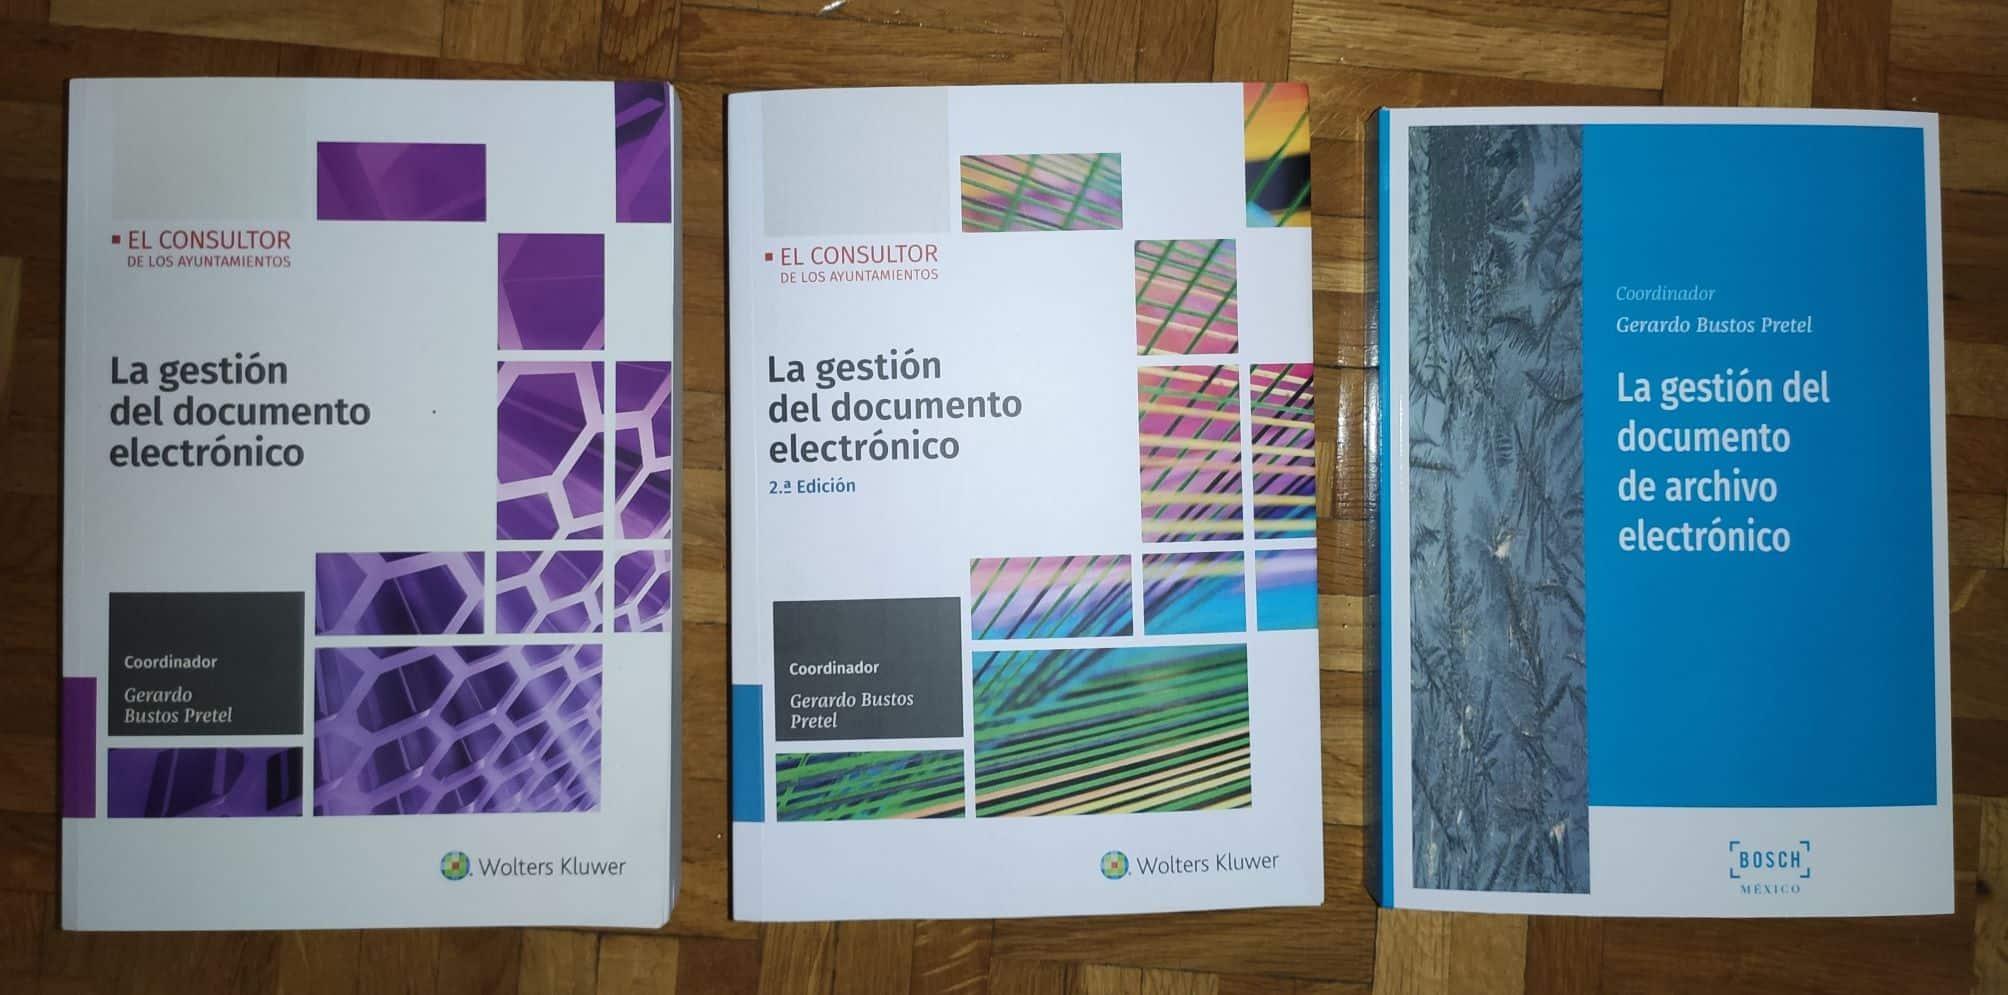 La gestión del documento electrónico: 1ª edición, 2ª edición y edición mexicanan